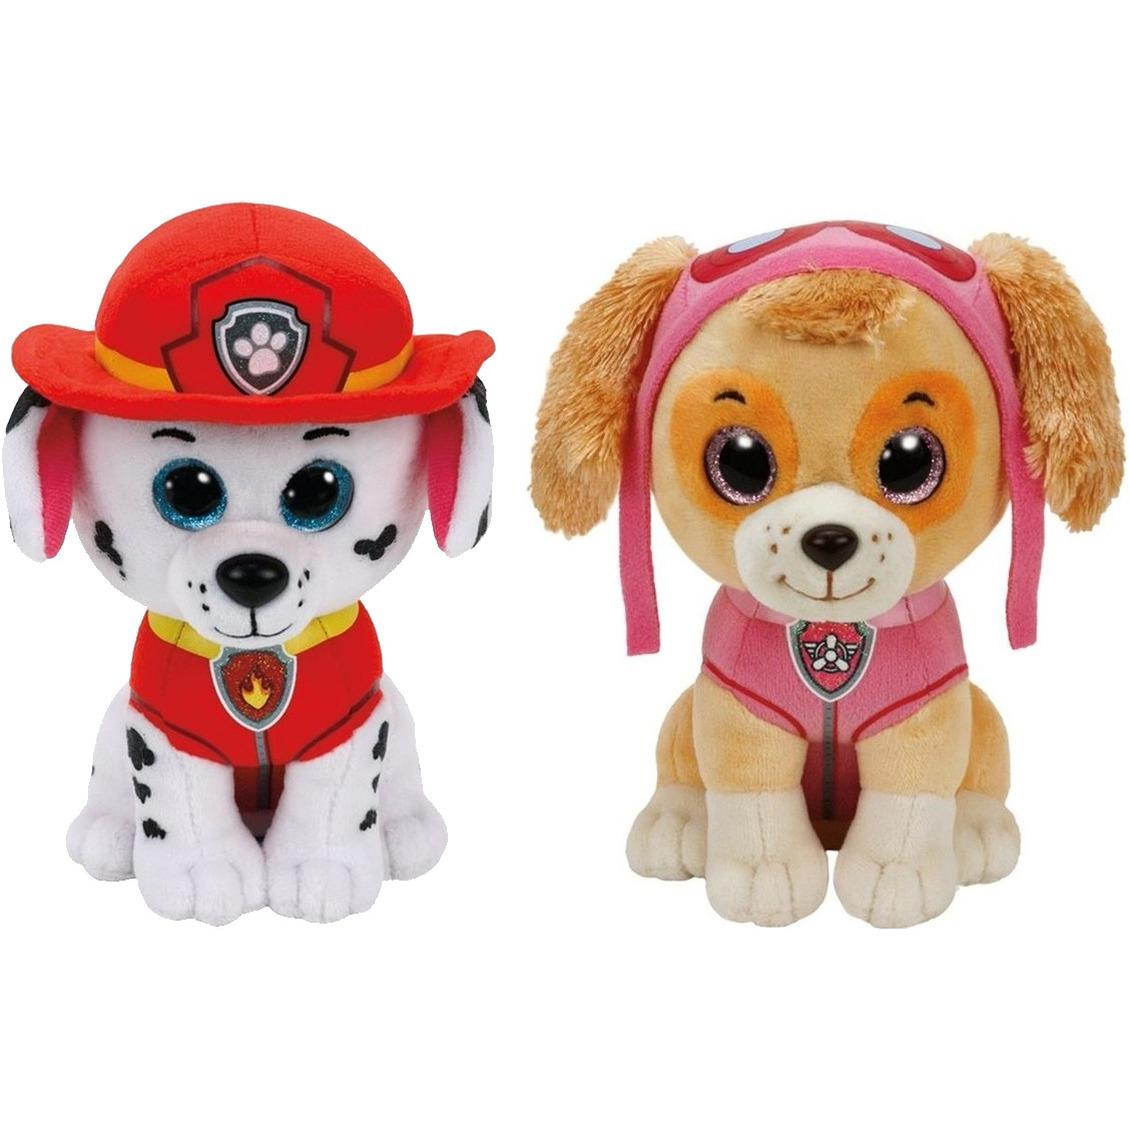 Paw Patrol knuffels set van 2x karakters Marshall en Skye 15 cm